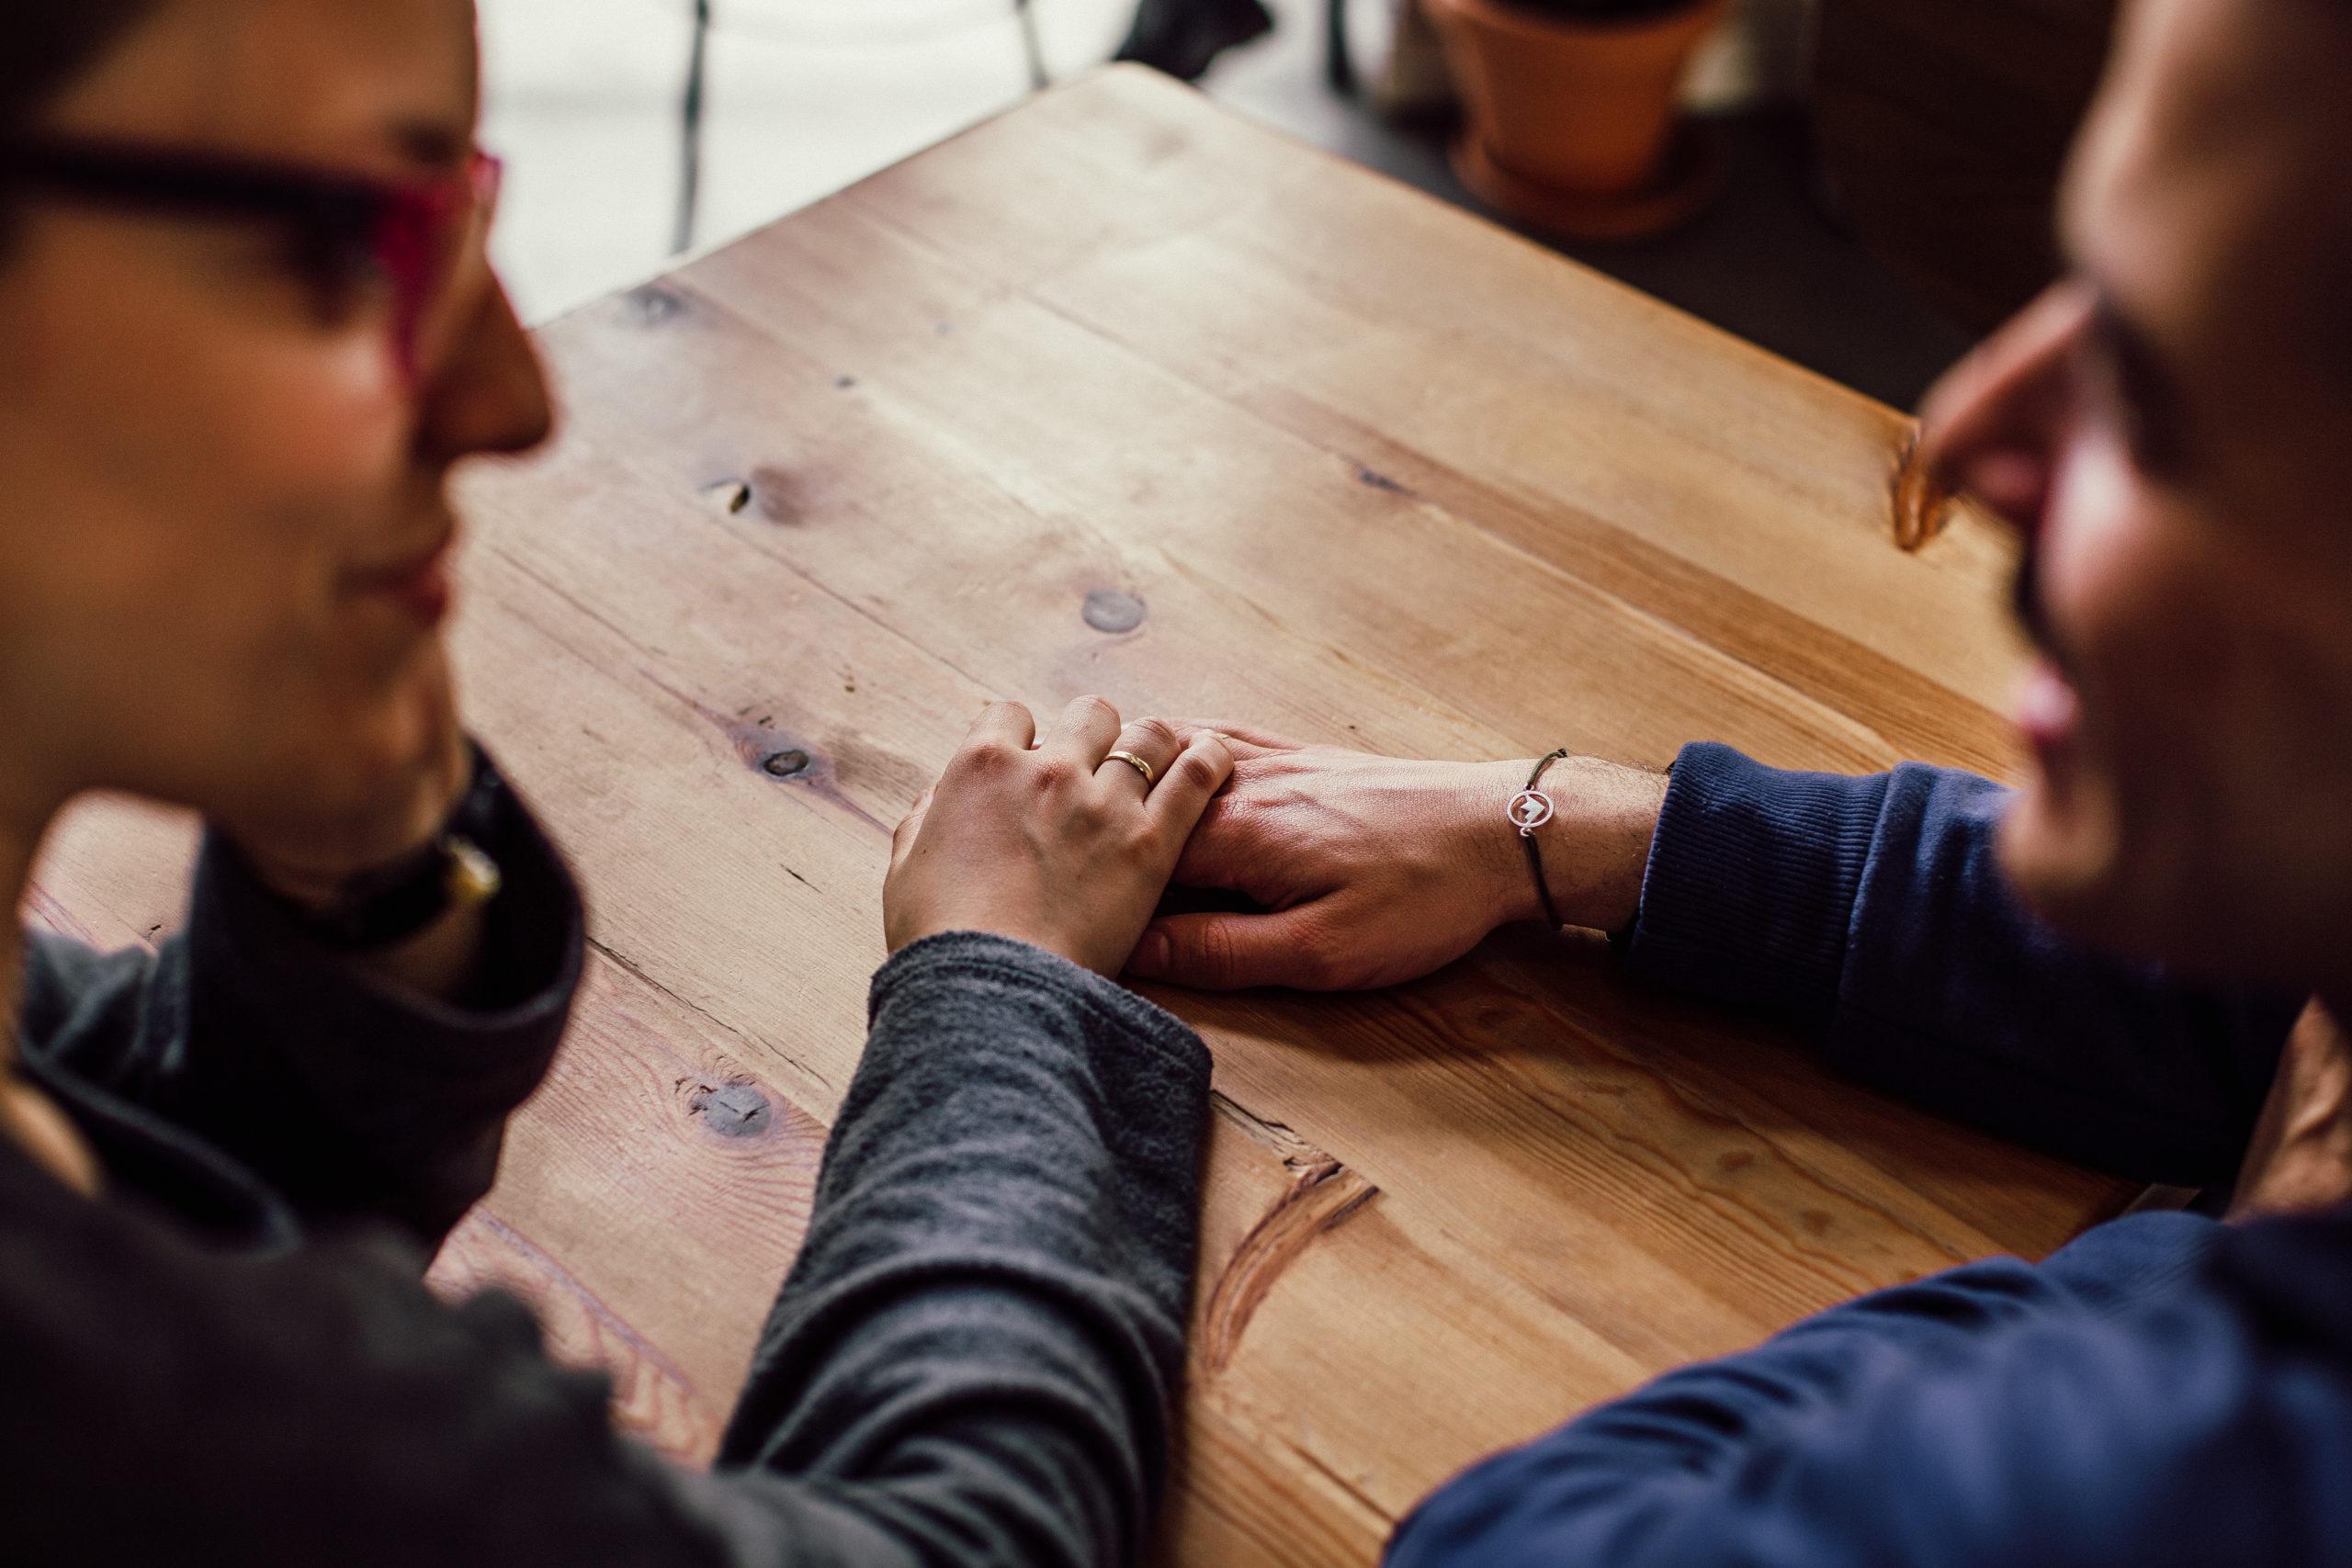 Comment développer vos prouesses sexuelles grâce à un rendez-vous galant ?